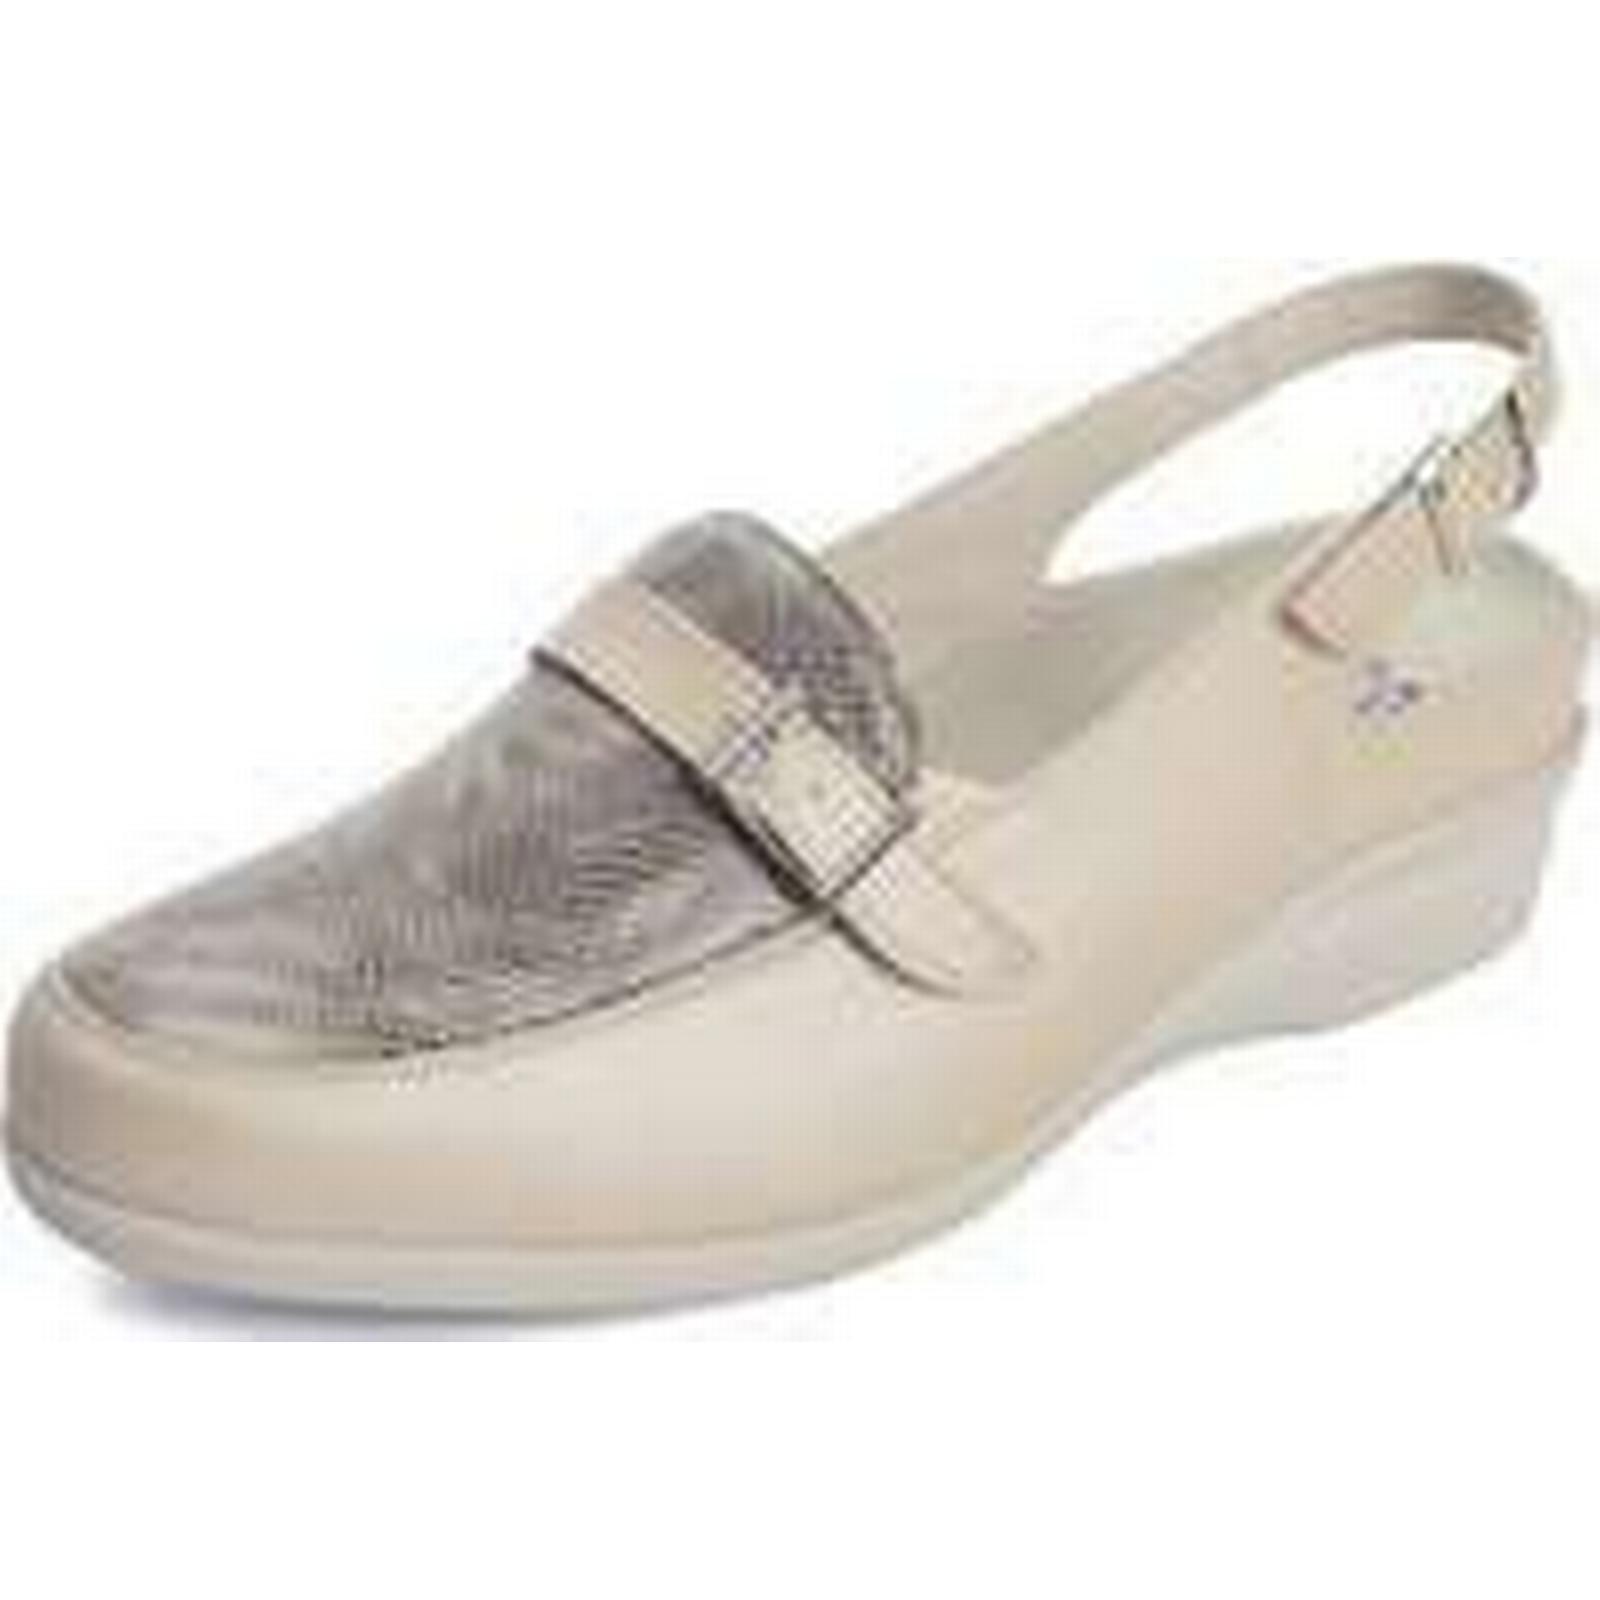 Spartoo.co.uk Dtorres closed D TORRES l sandals closed Dtorres for templates women's Sandals in Beige 0642c1